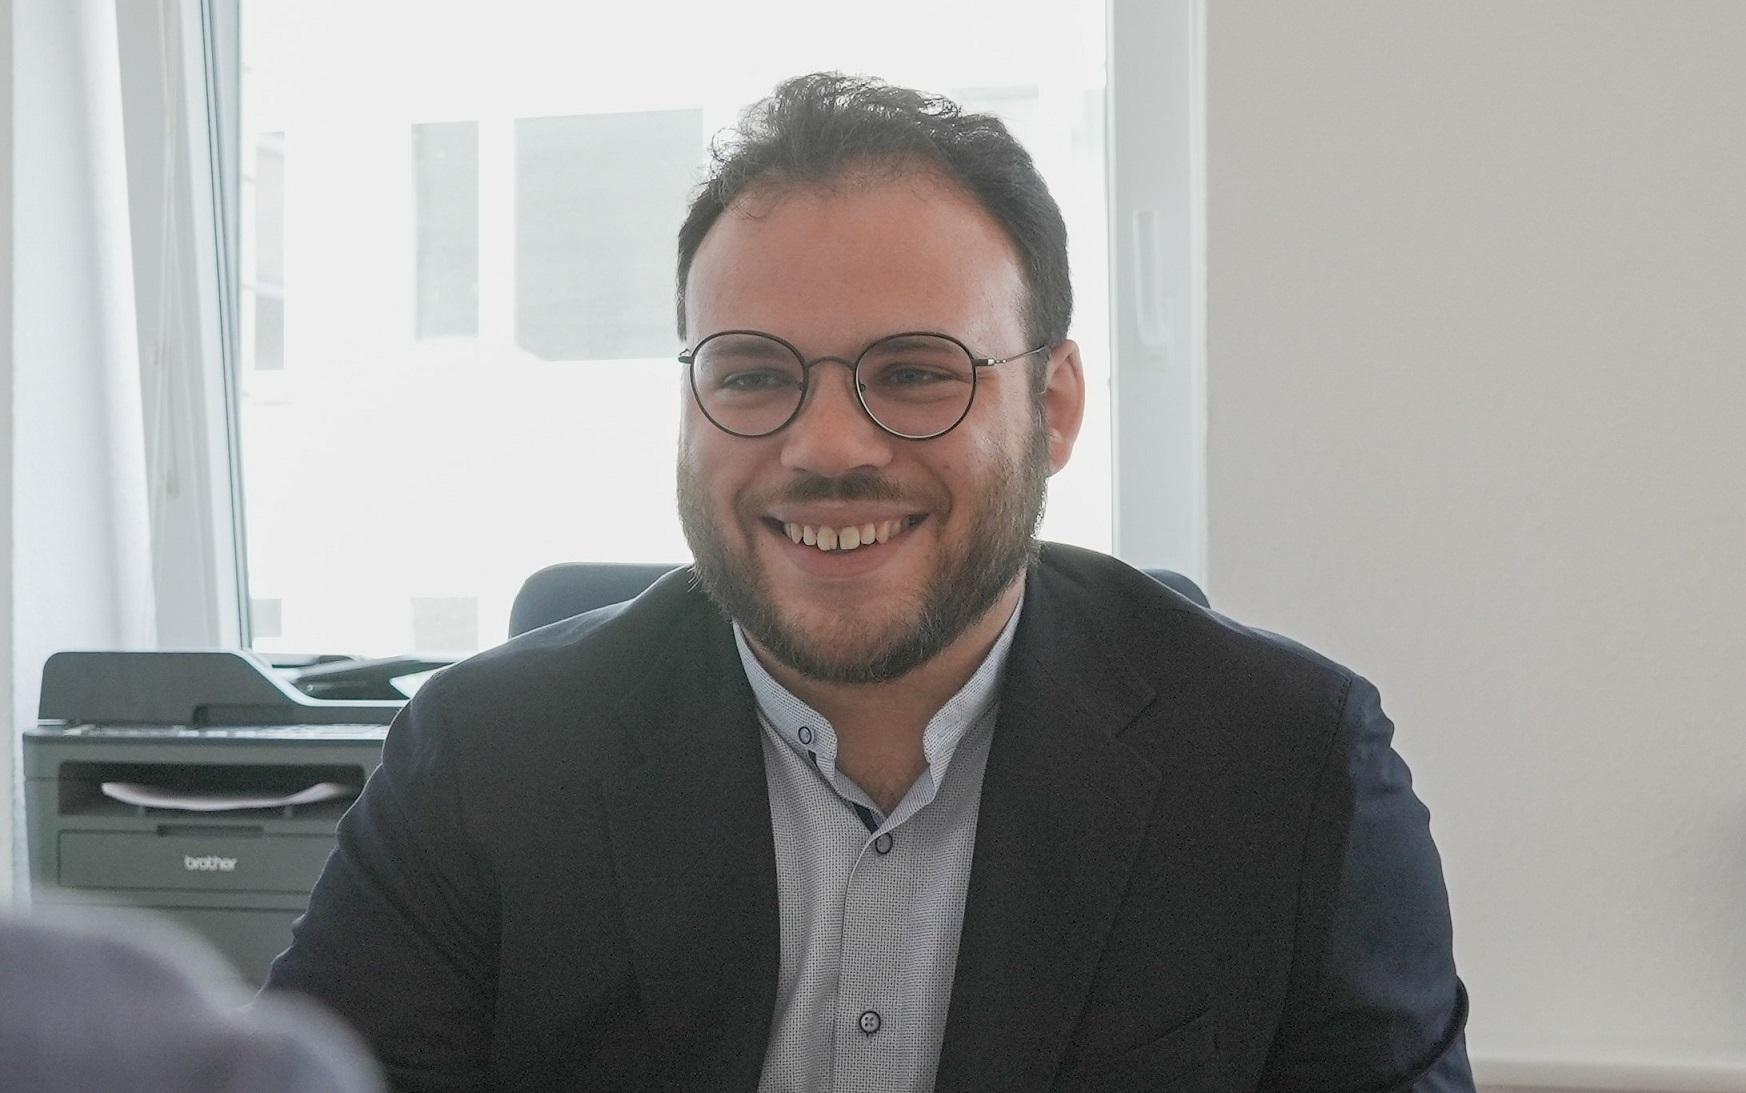 Ein Foto des lächelnden Geschäftsführers des Förde Intensivteams in Kiel